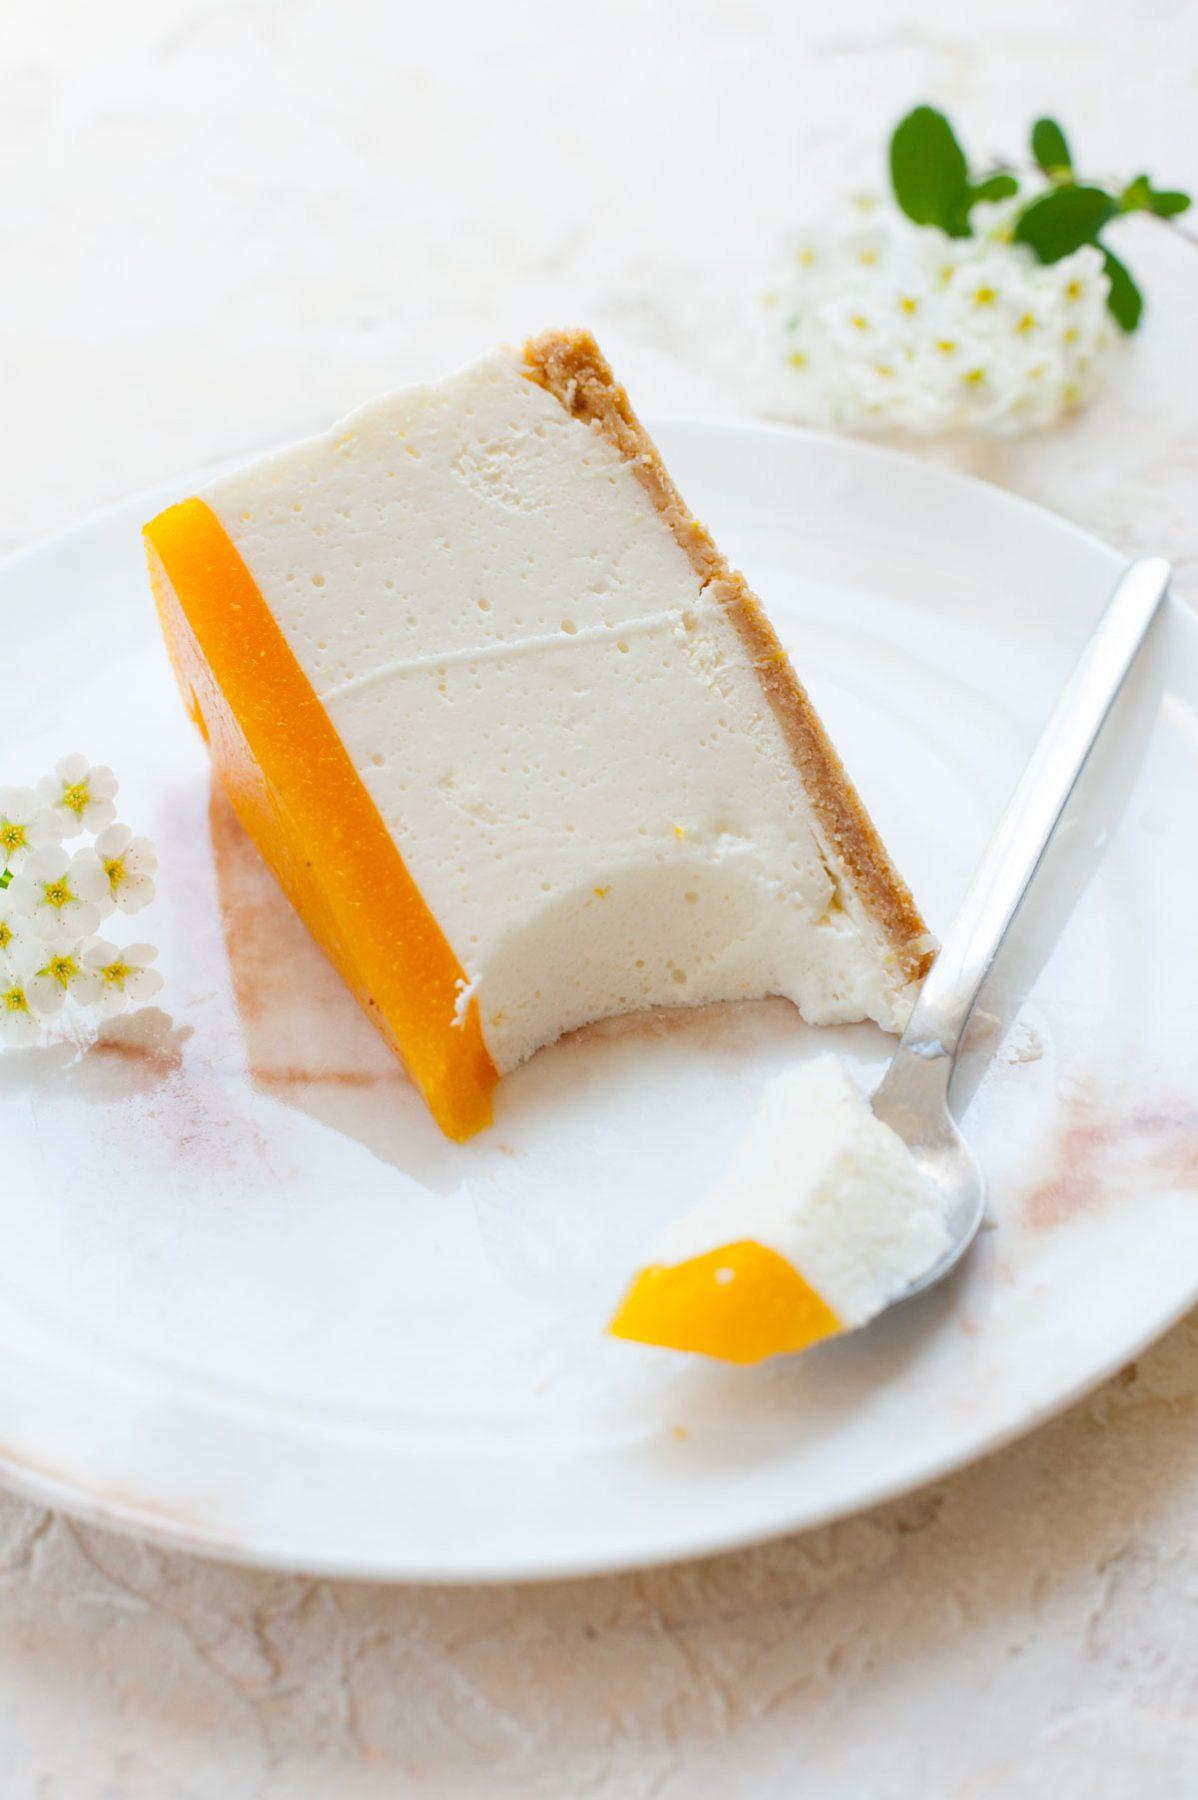 kawałek sernik bez pieczenia z jogurtów greckich z musem morelowym na białym talerzu